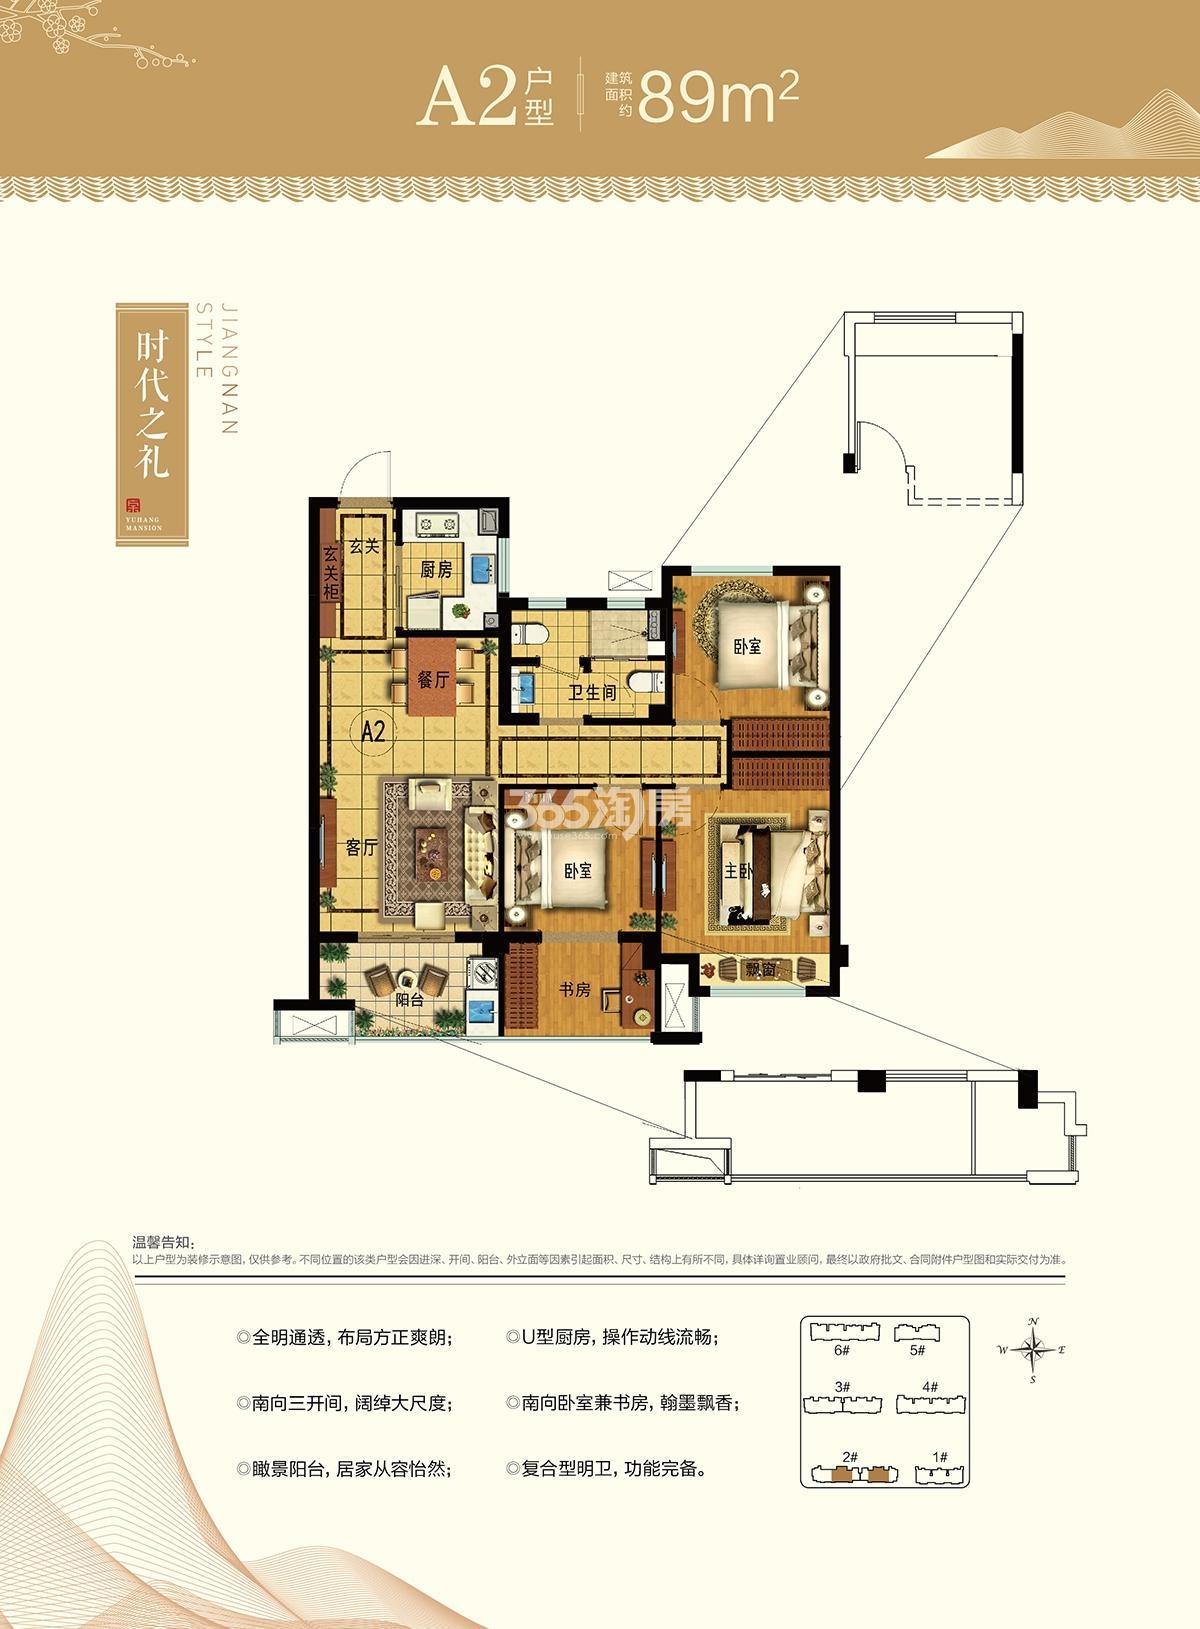 西房余杭公馆2号楼A2户型89方